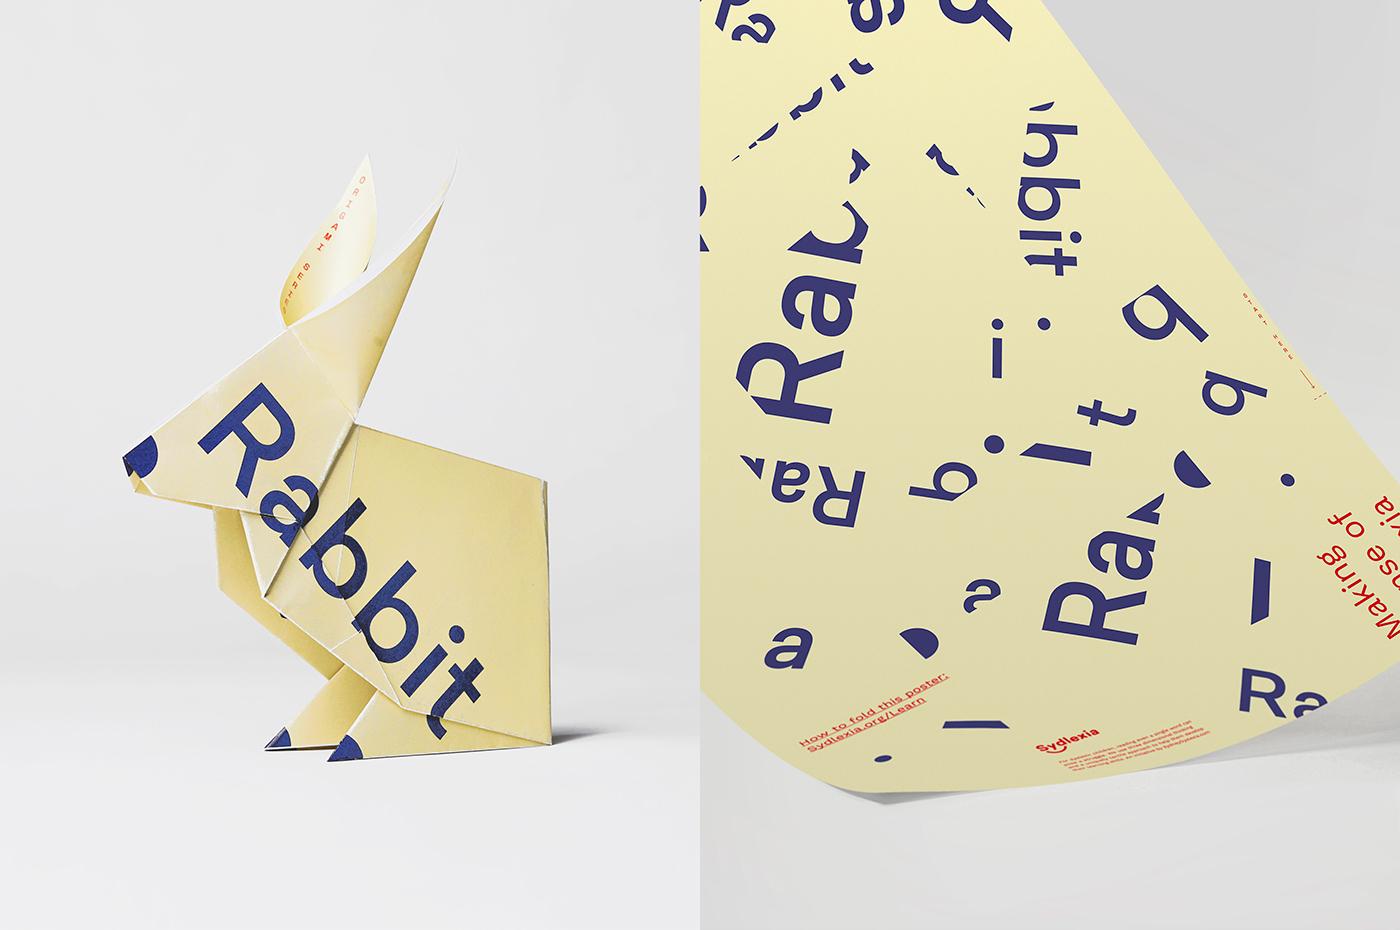 Best-of-BPO-Sydlexia-Making-Sense-Of-Dyslexia-Campaign-Branding-Print-Origami-BBDO-Dubai-BPO